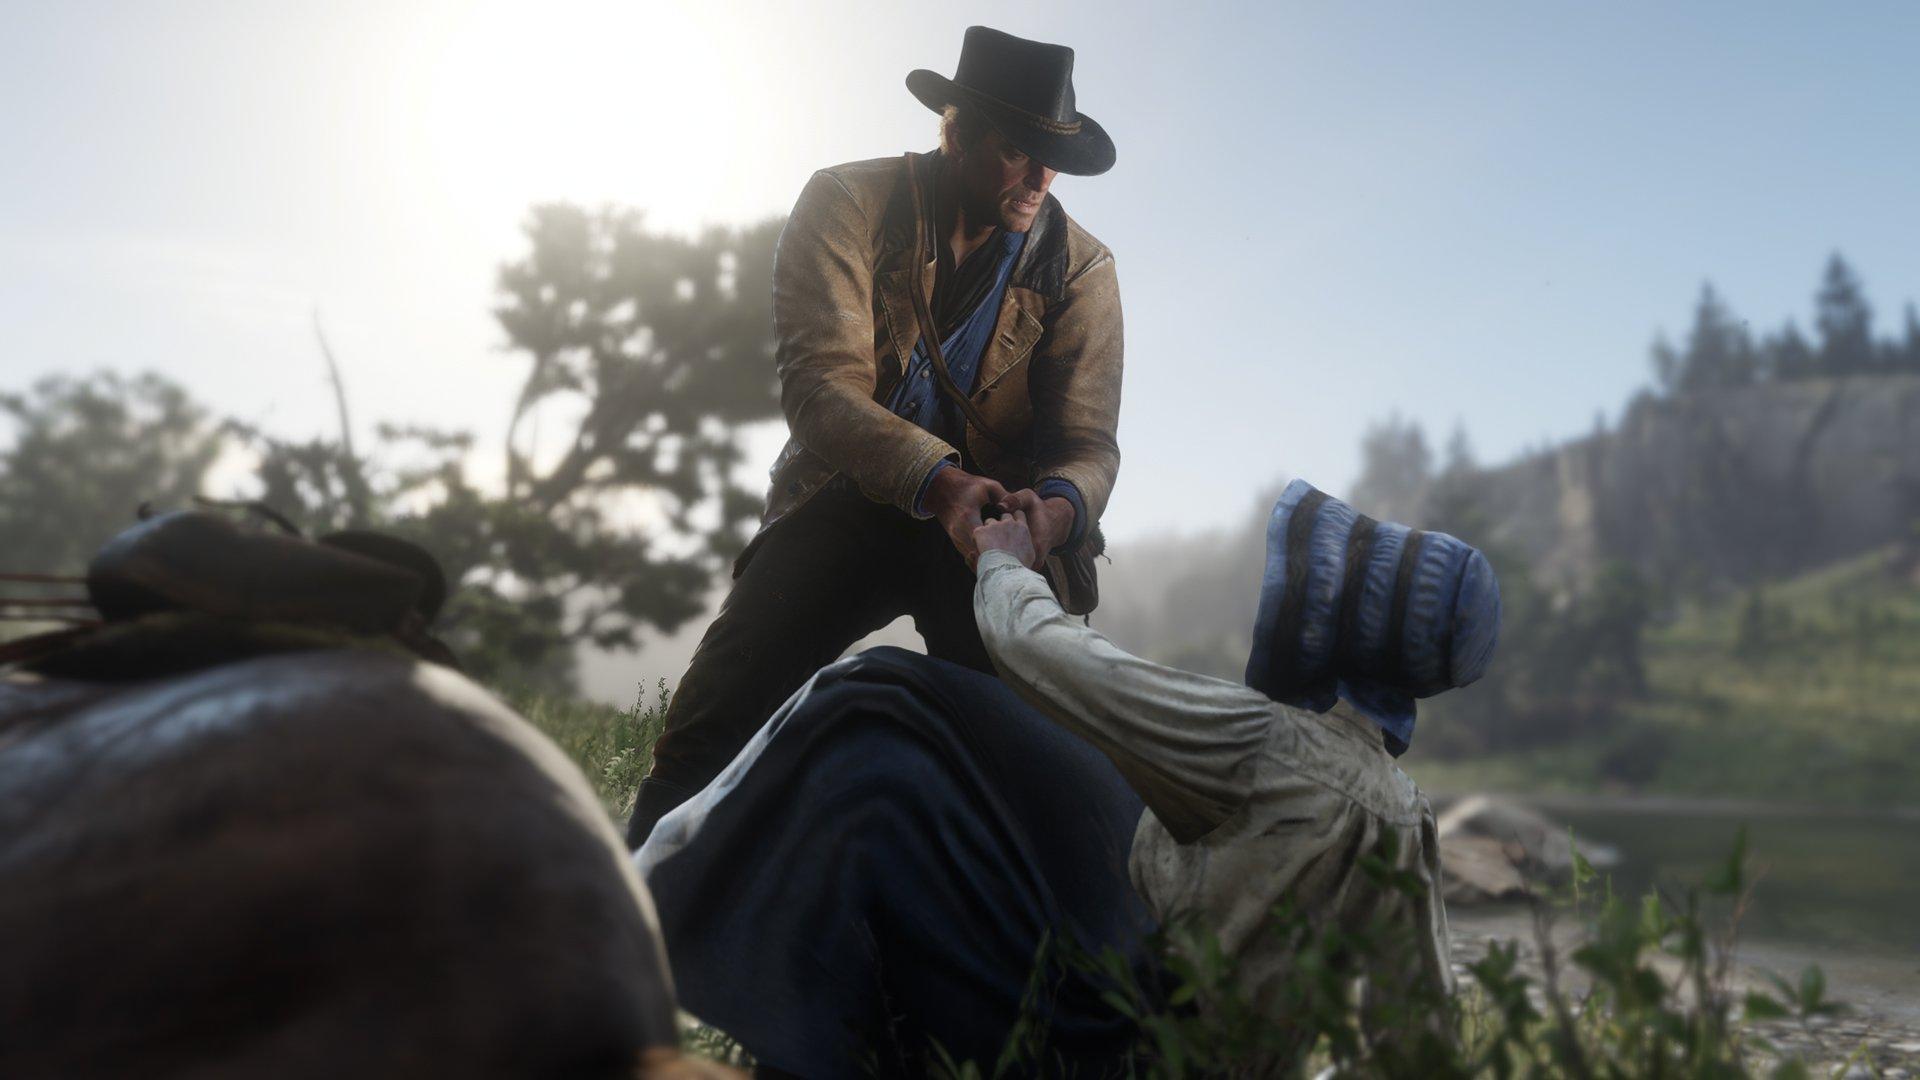 《荒野大镖客2》 开发人员:不要抵制这款佳作 它是心血力作